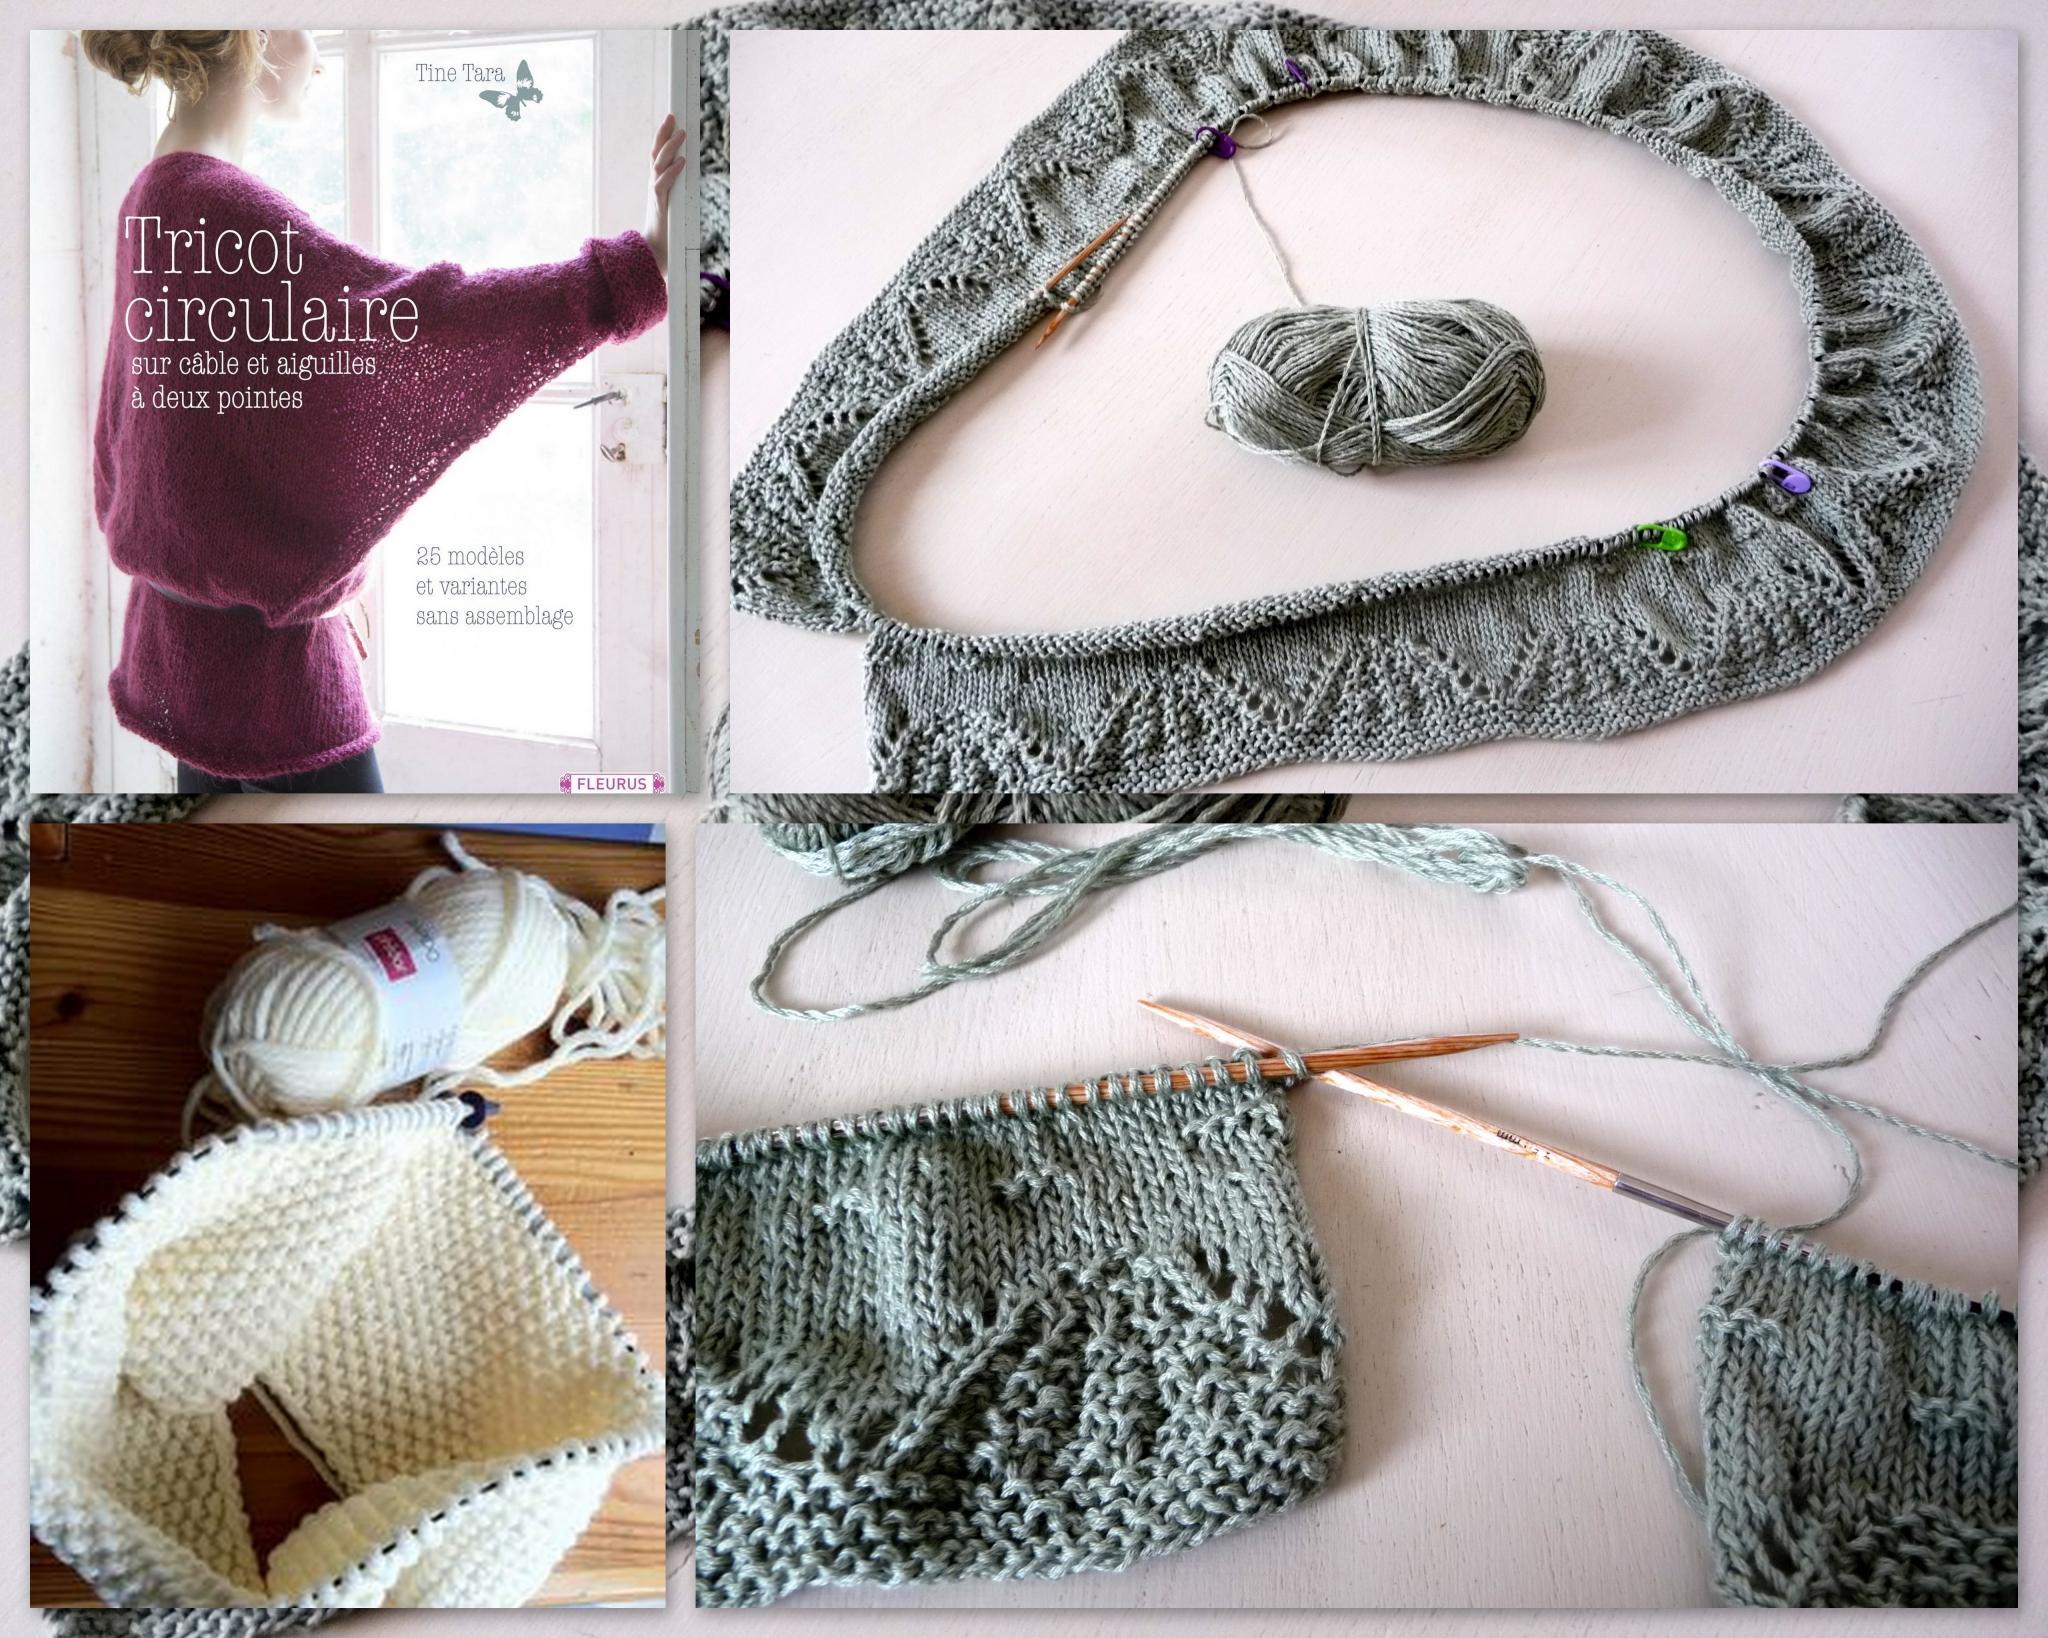 Tricoter aiguille circulaire petit diametre